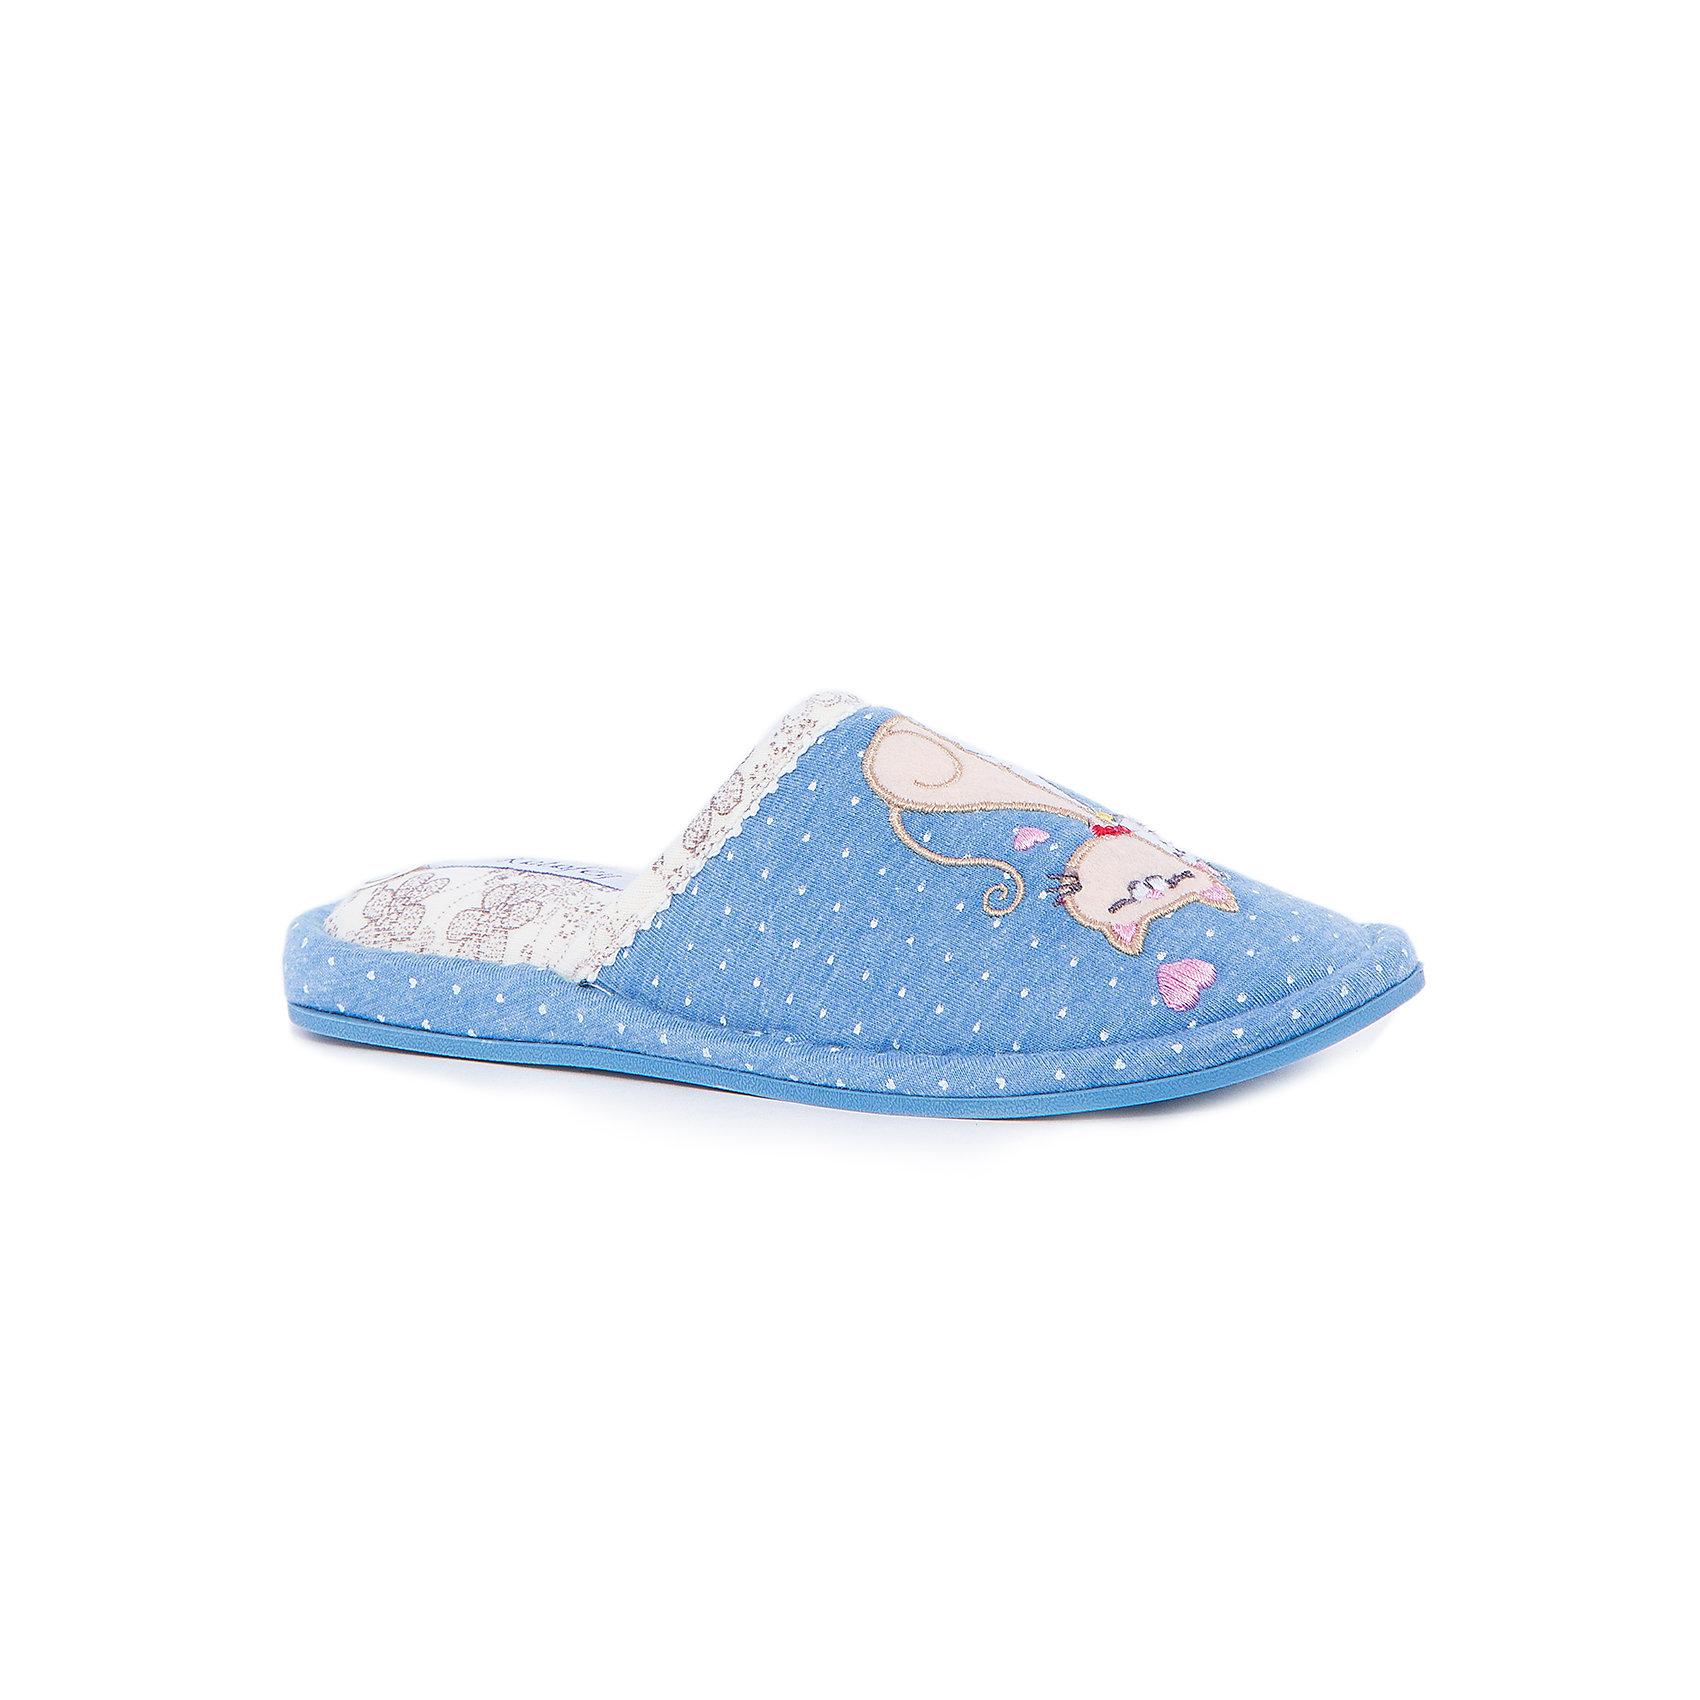 Тапки для девочки КотофейКотофей – качественная и стильная детская обувь по доступным ценам. С каждым днем популярность бренда растет.  Обувь – отражение человека. Домашней обуви необходимо уделять такое же внимание, как и уличной. На тапочках есть милая аппликация в виде пары кошек и вышивка – сердечко. Материал подклада отличается от внешней части веселым принтом. Такая домашняя обувь одновременно и согреет и будет стильным аксессуаром к любимой пижамке подходящего цвета.<br><br>Дополнительная информация:<br><br>цвет: цветной;<br>крепление: клеевое.<br><br>Состав:<br>верх – утепленный текстиль;<br>материал подклада – текстиль;<br>подошва – ТЭП.<br><br>Цветные тапочки для девочек дошкольного возраста из текстиля от фирмы Котофей можно приобрести в нашем магазине.<br><br>Ширина мм: 219<br>Глубина мм: 158<br>Высота мм: 118<br>Вес г: 274<br>Цвет: разноцветный<br>Возраст от месяцев: 120<br>Возраст до месяцев: 132<br>Пол: Женский<br>Возраст: Детский<br>Размер: 34,35,33,30,32,31<br>SKU: 4982064